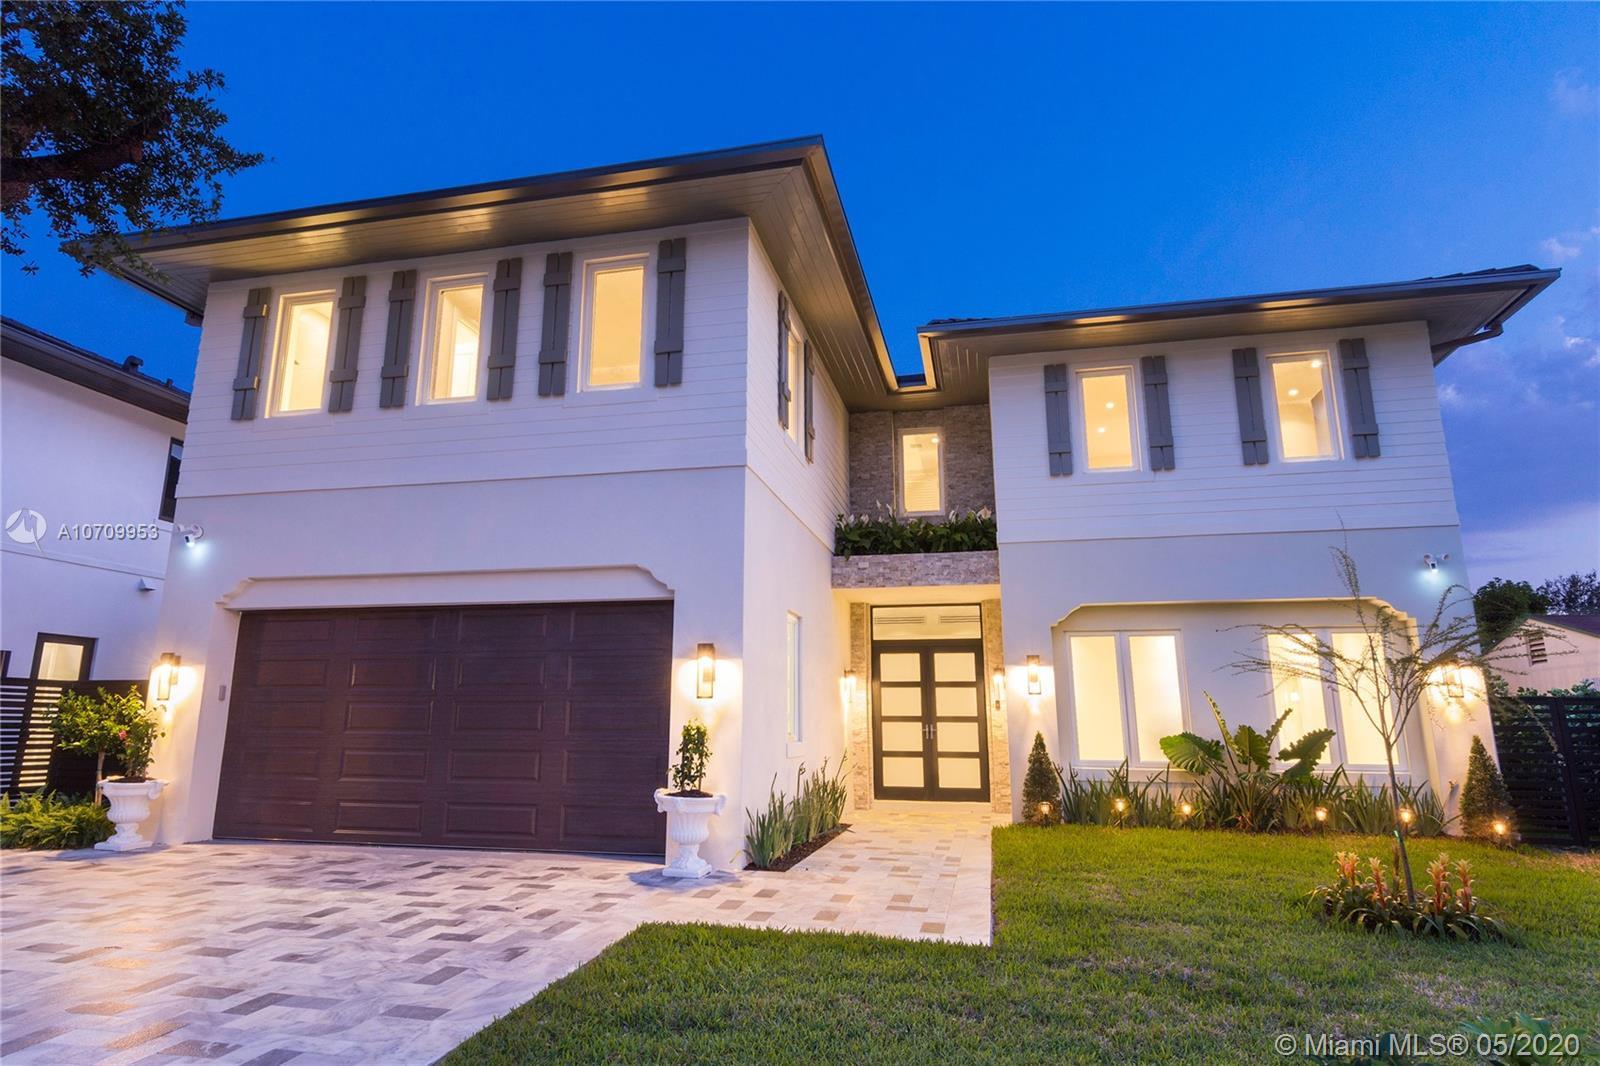 5712 Devonshire Blvd, Miami, FL 33155